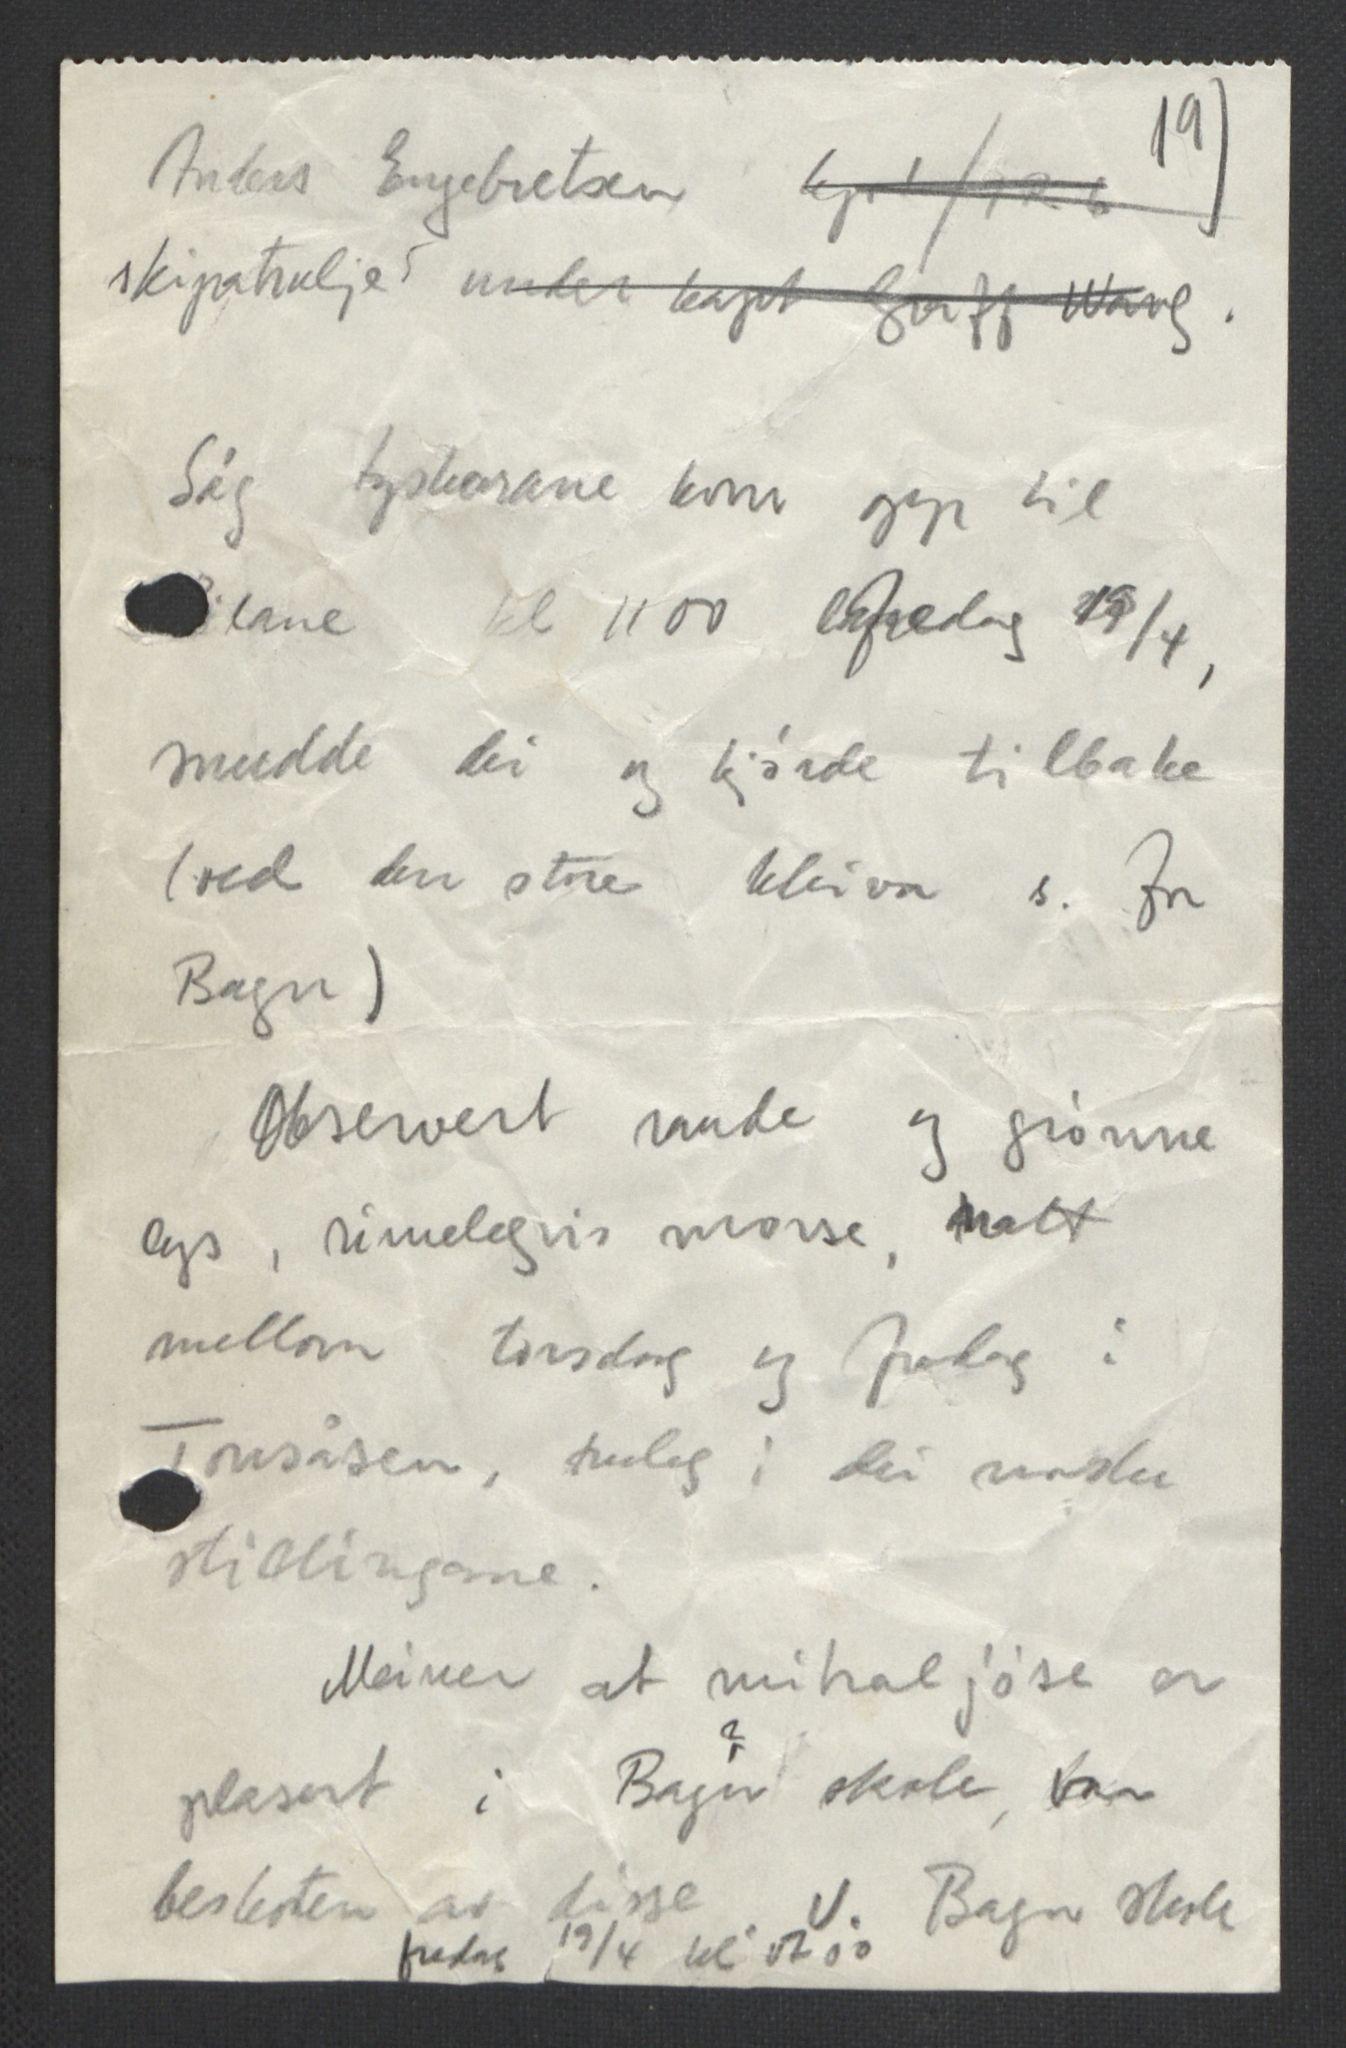 RA, Forsvaret, Forsvarets krigshistoriske avdeling, Y/Yb/L0104: II-C-11-430  -  4. Divisjon., 1940, p. 295